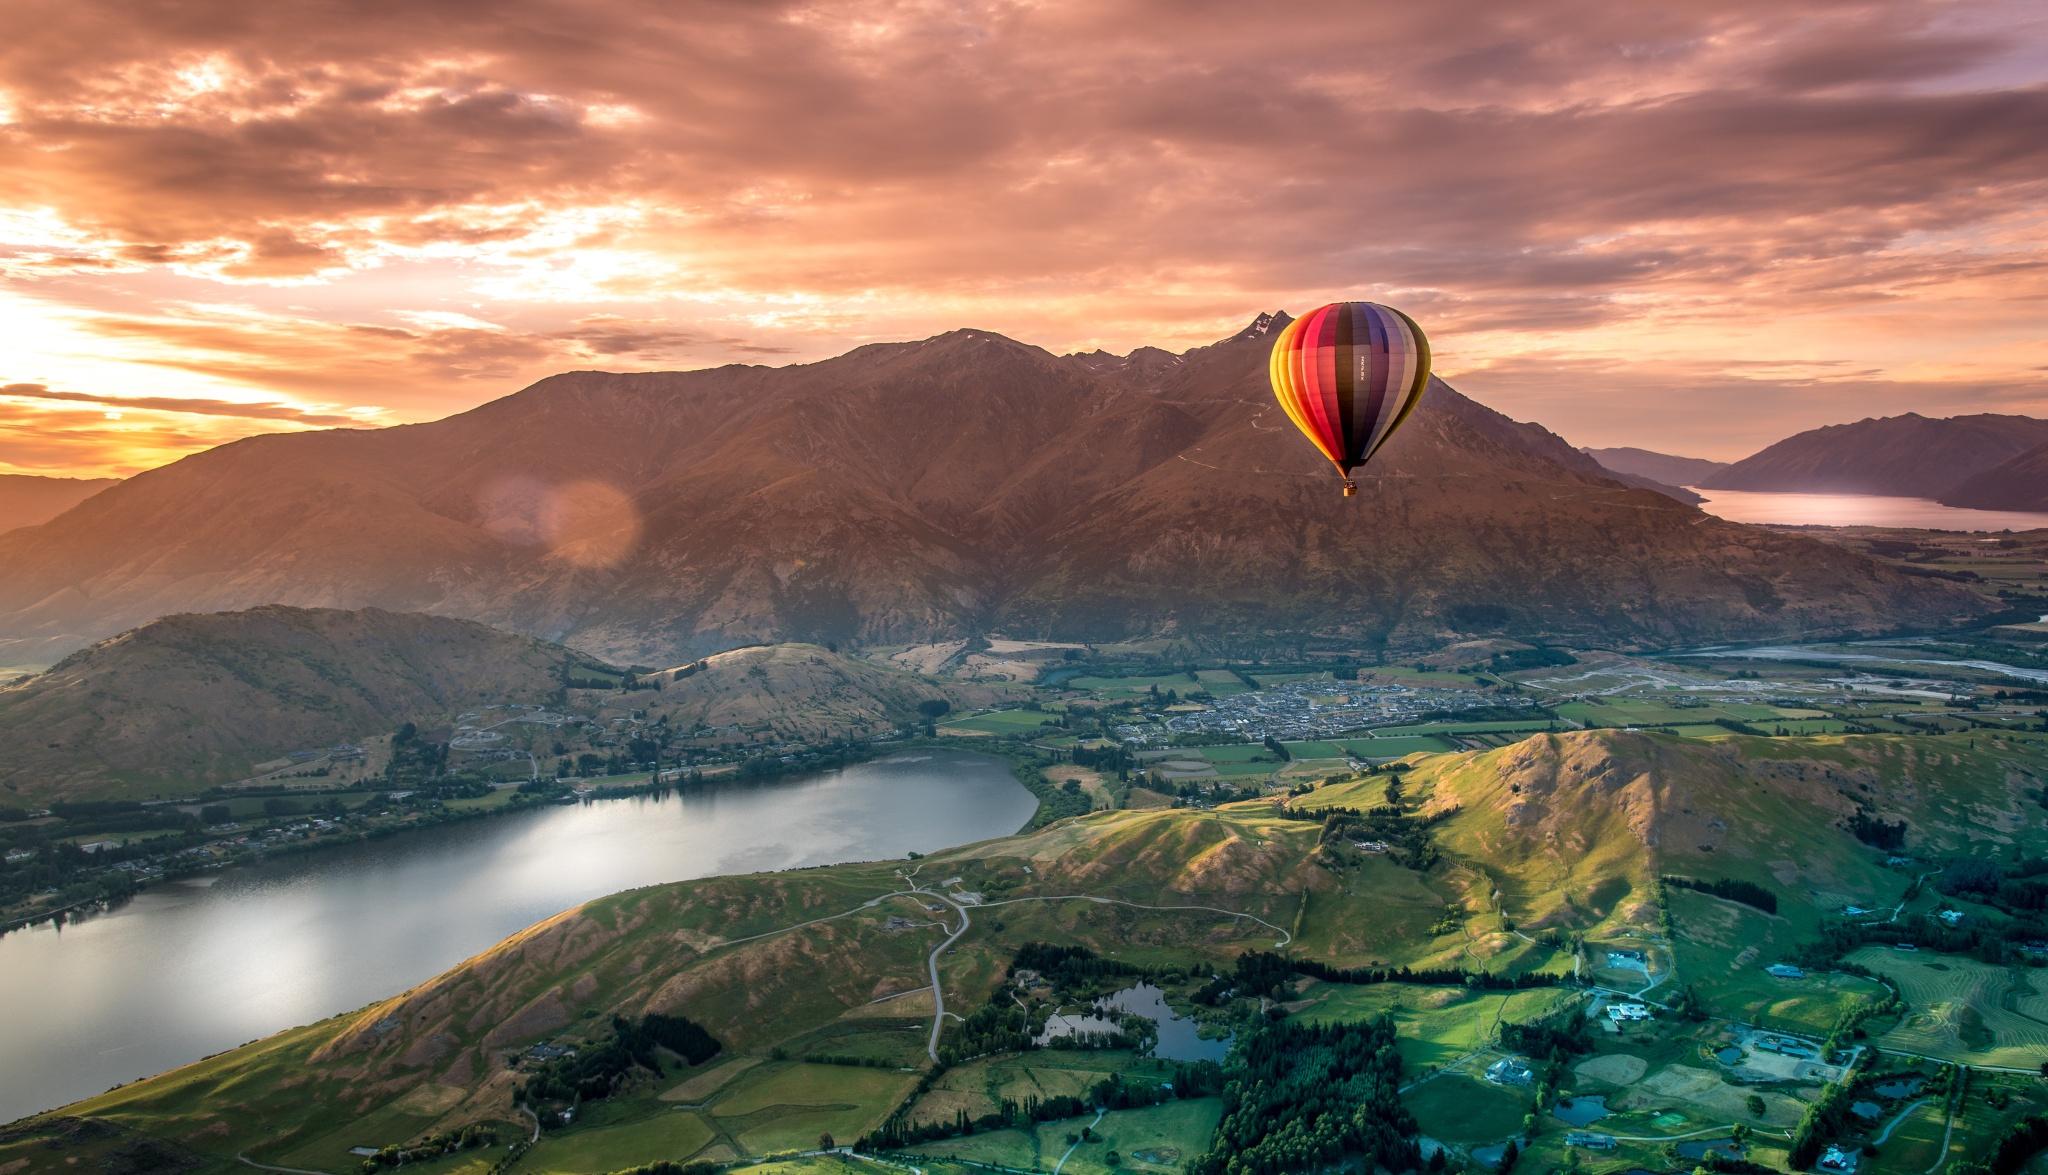 Hot air balloon trip at Queensland - NZ road trip activity